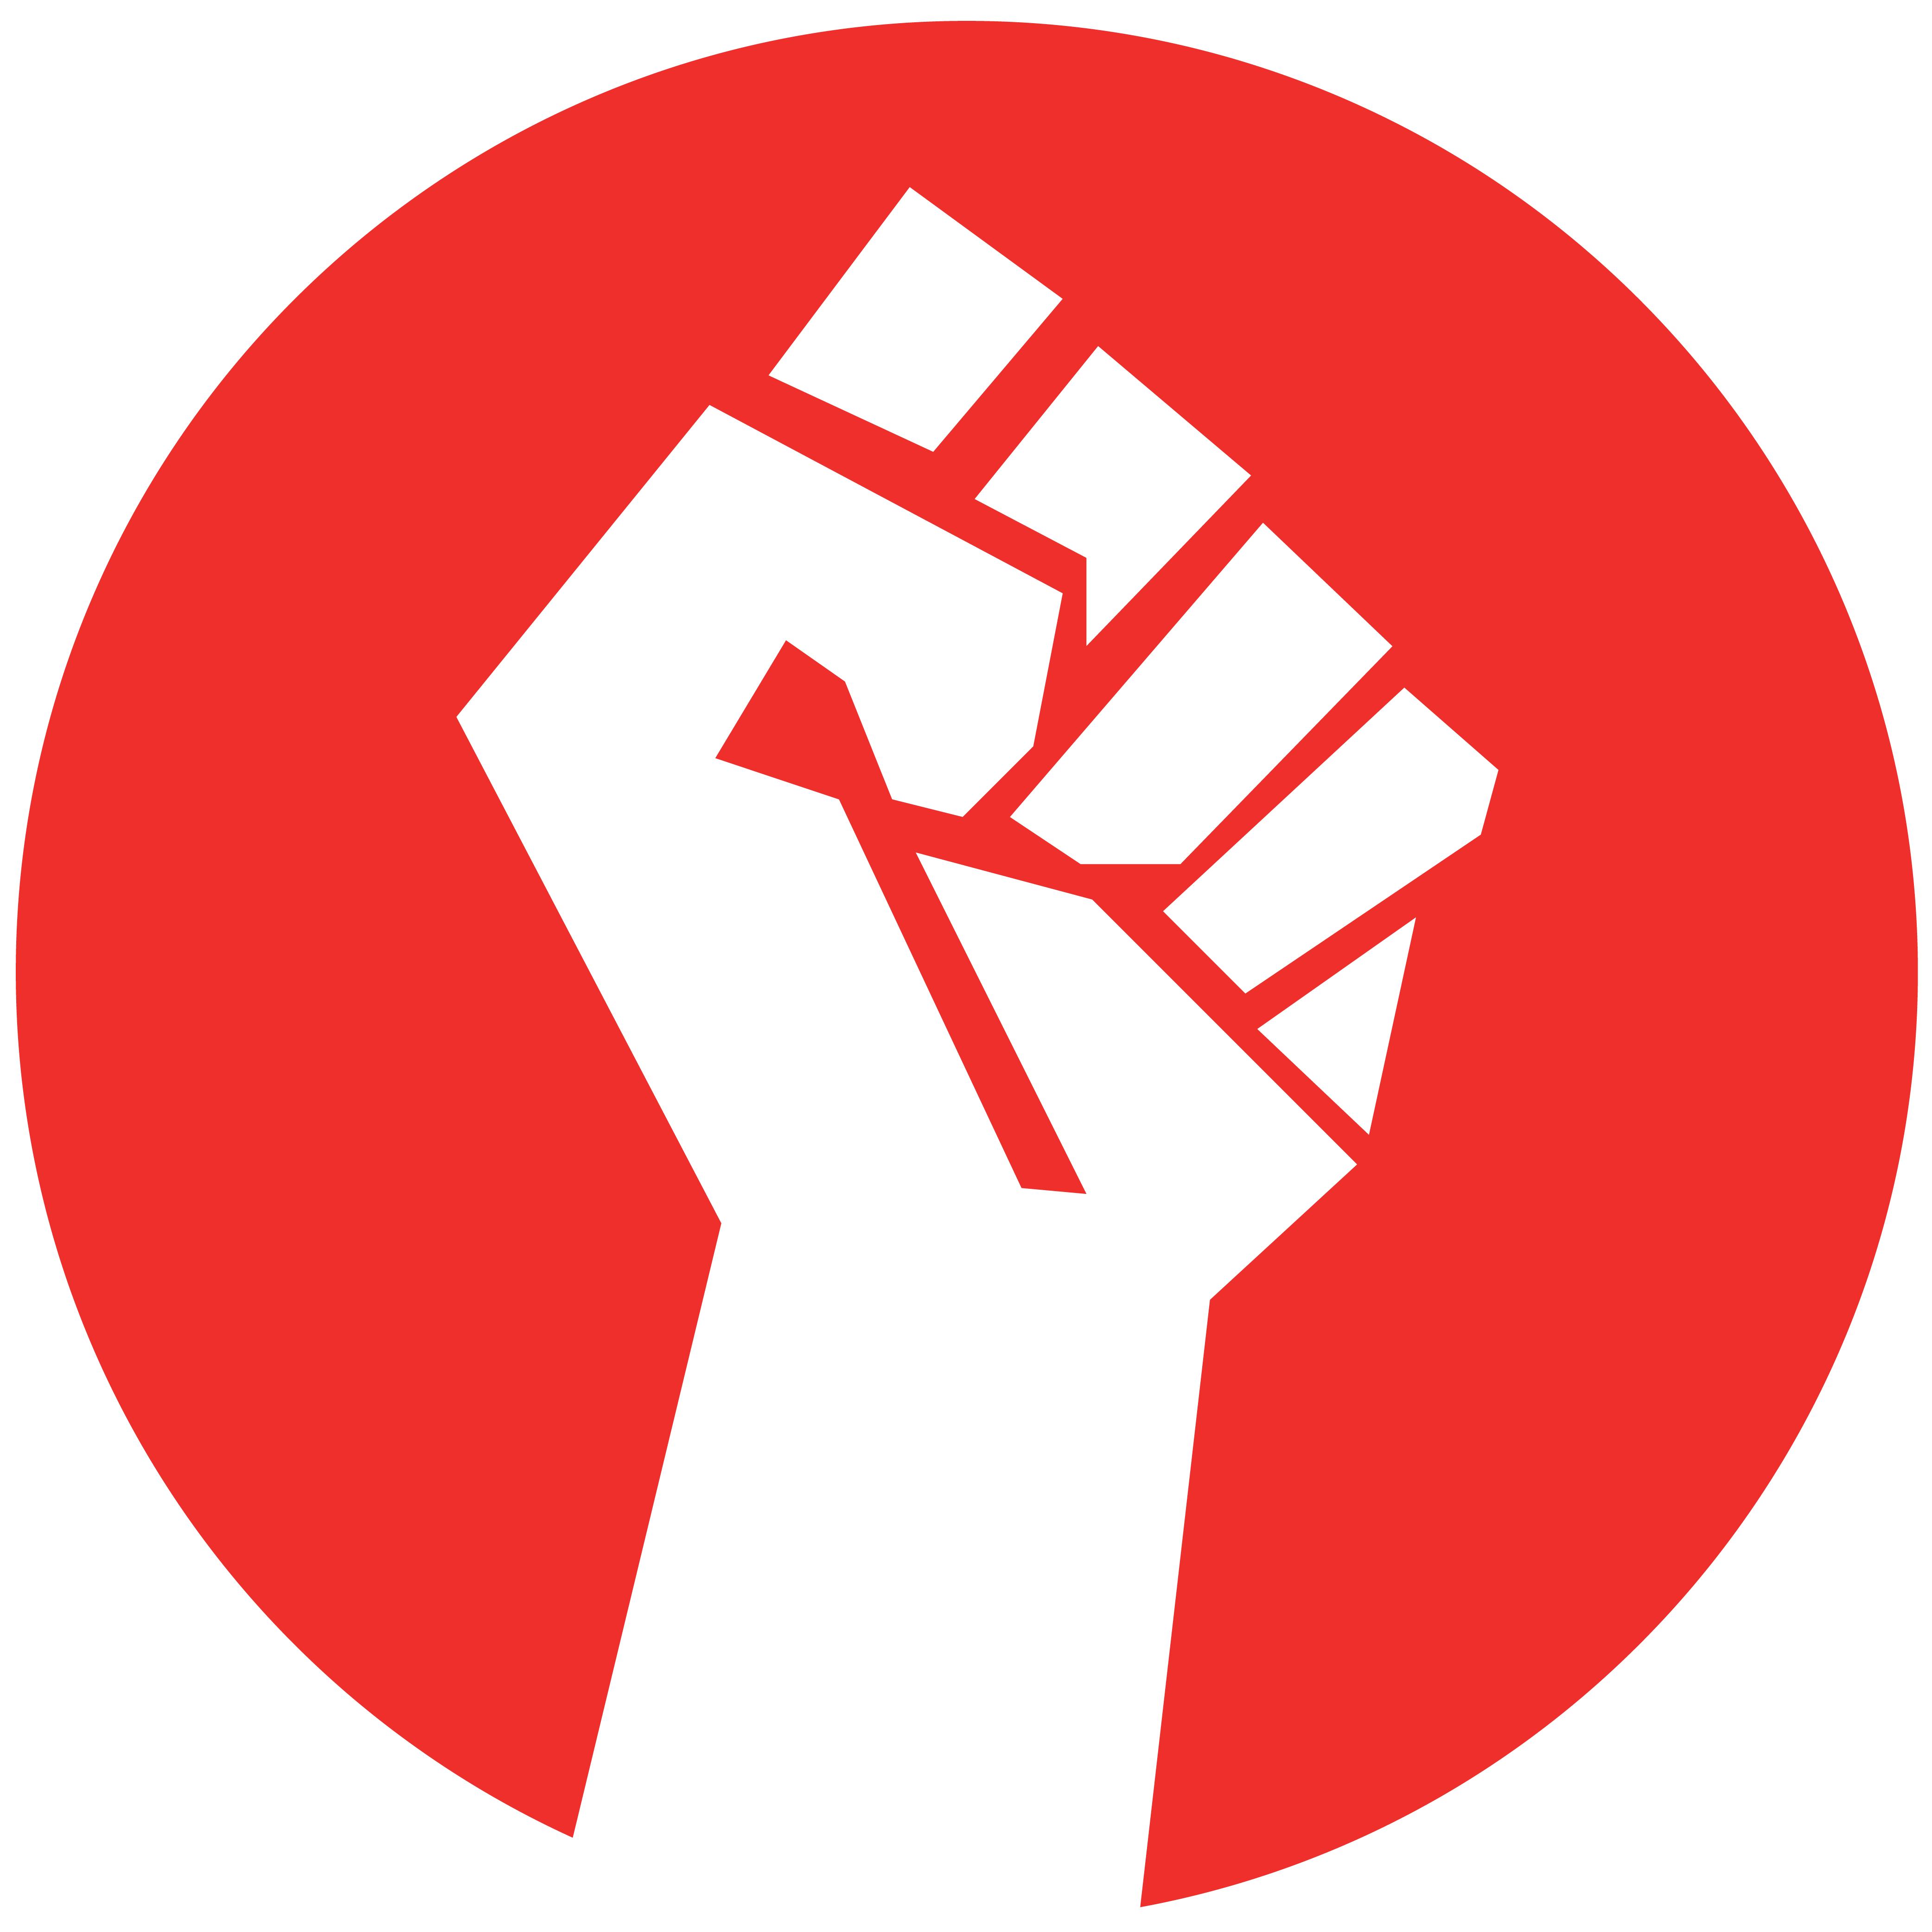 Dance Rebels Fist Png 4 167 4 167 Pixels Cool Logo Symbols Pixel